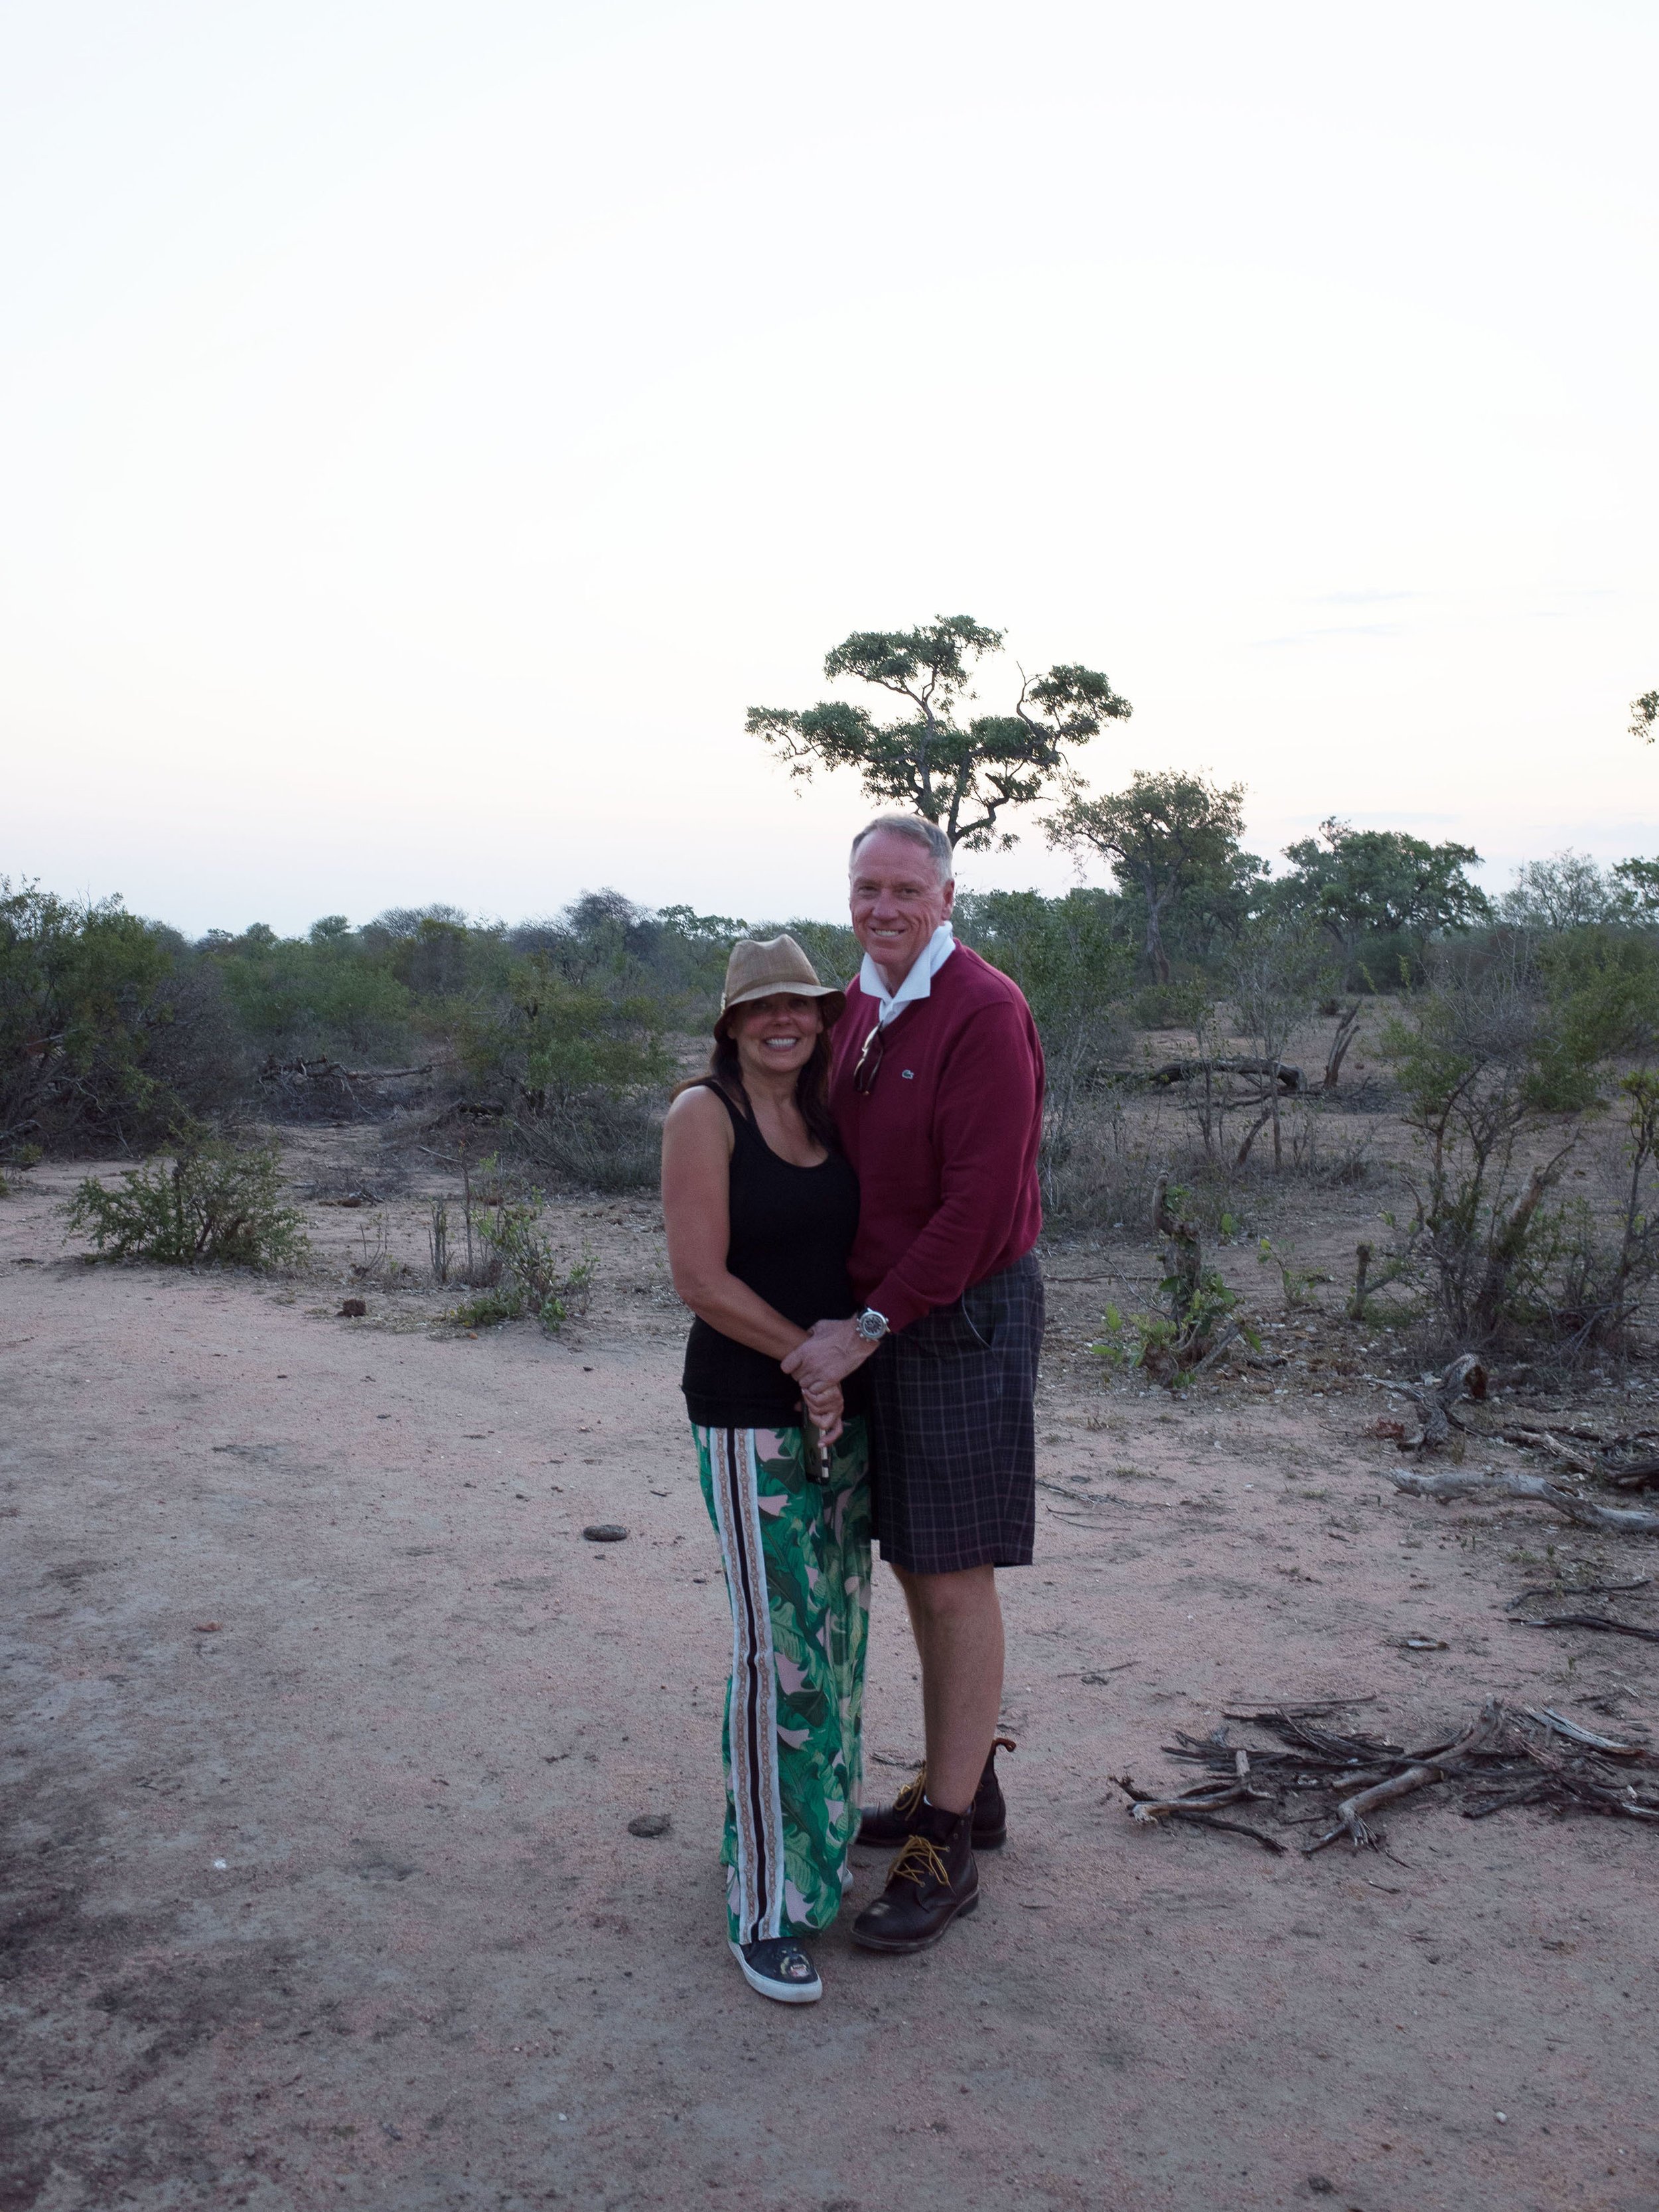 Donna and Kim Yost at Tanda Tula in Kruger